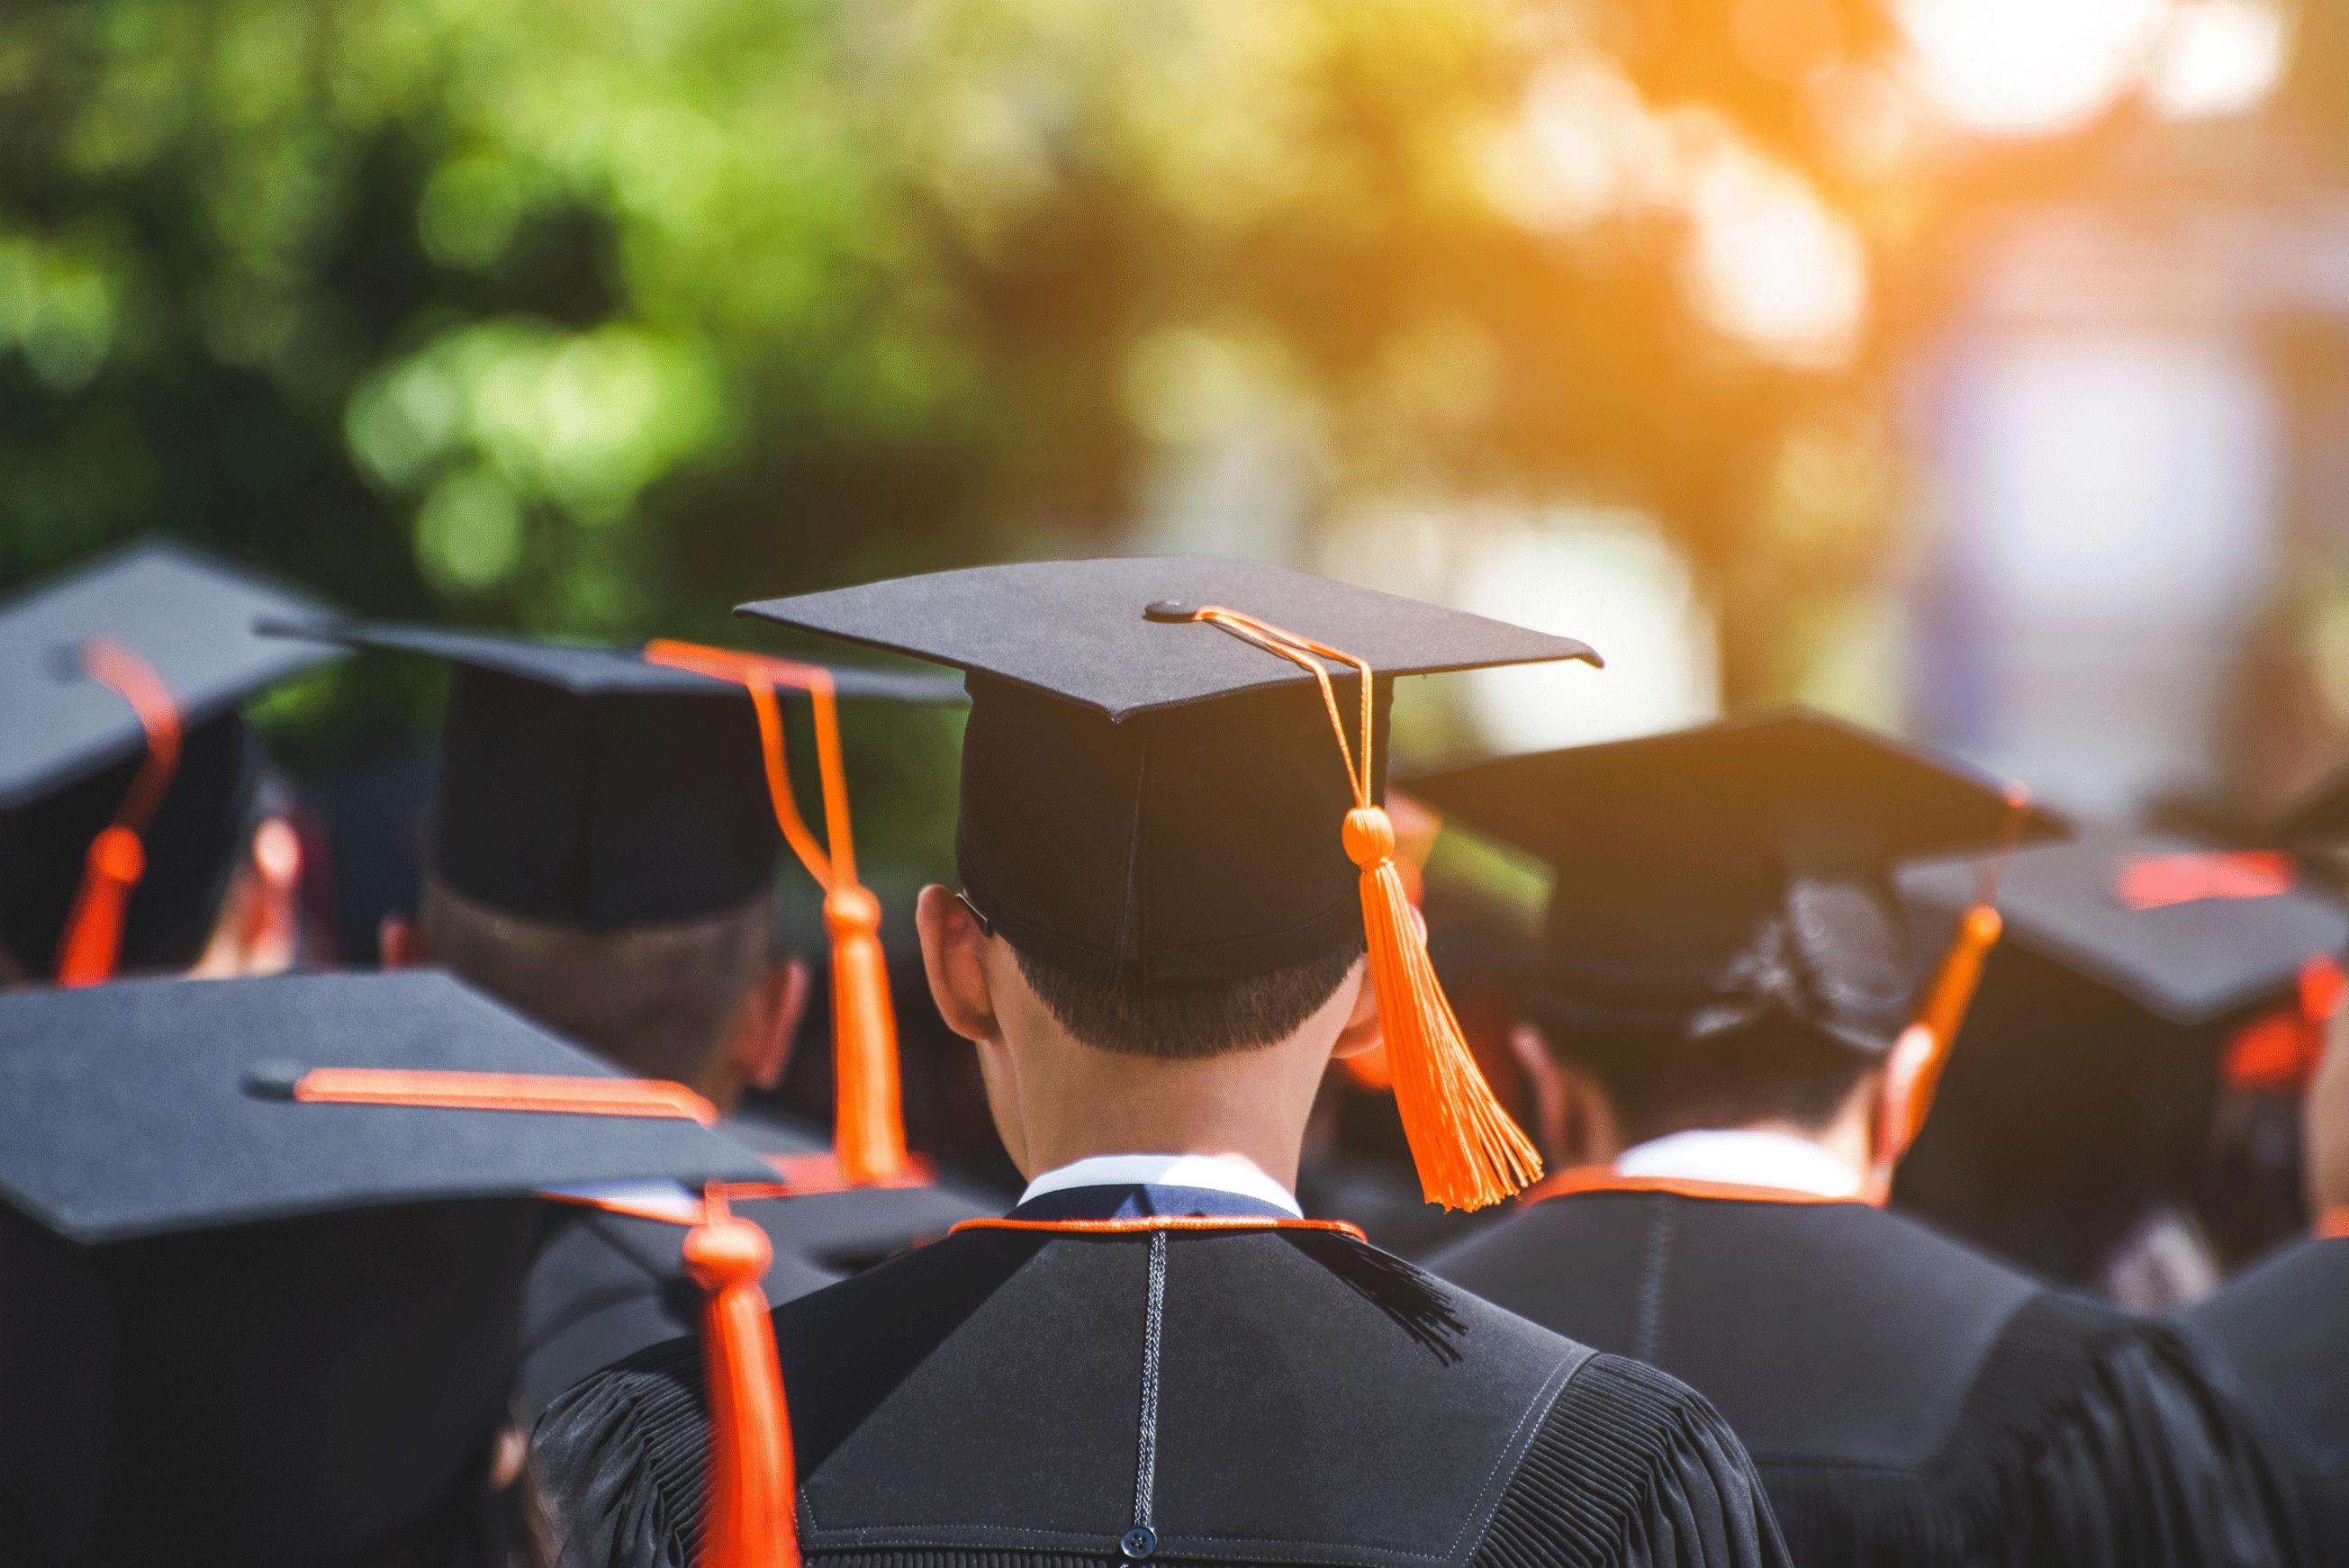 آیا برنامه نویس ها باید به دانشگاه بروند؟